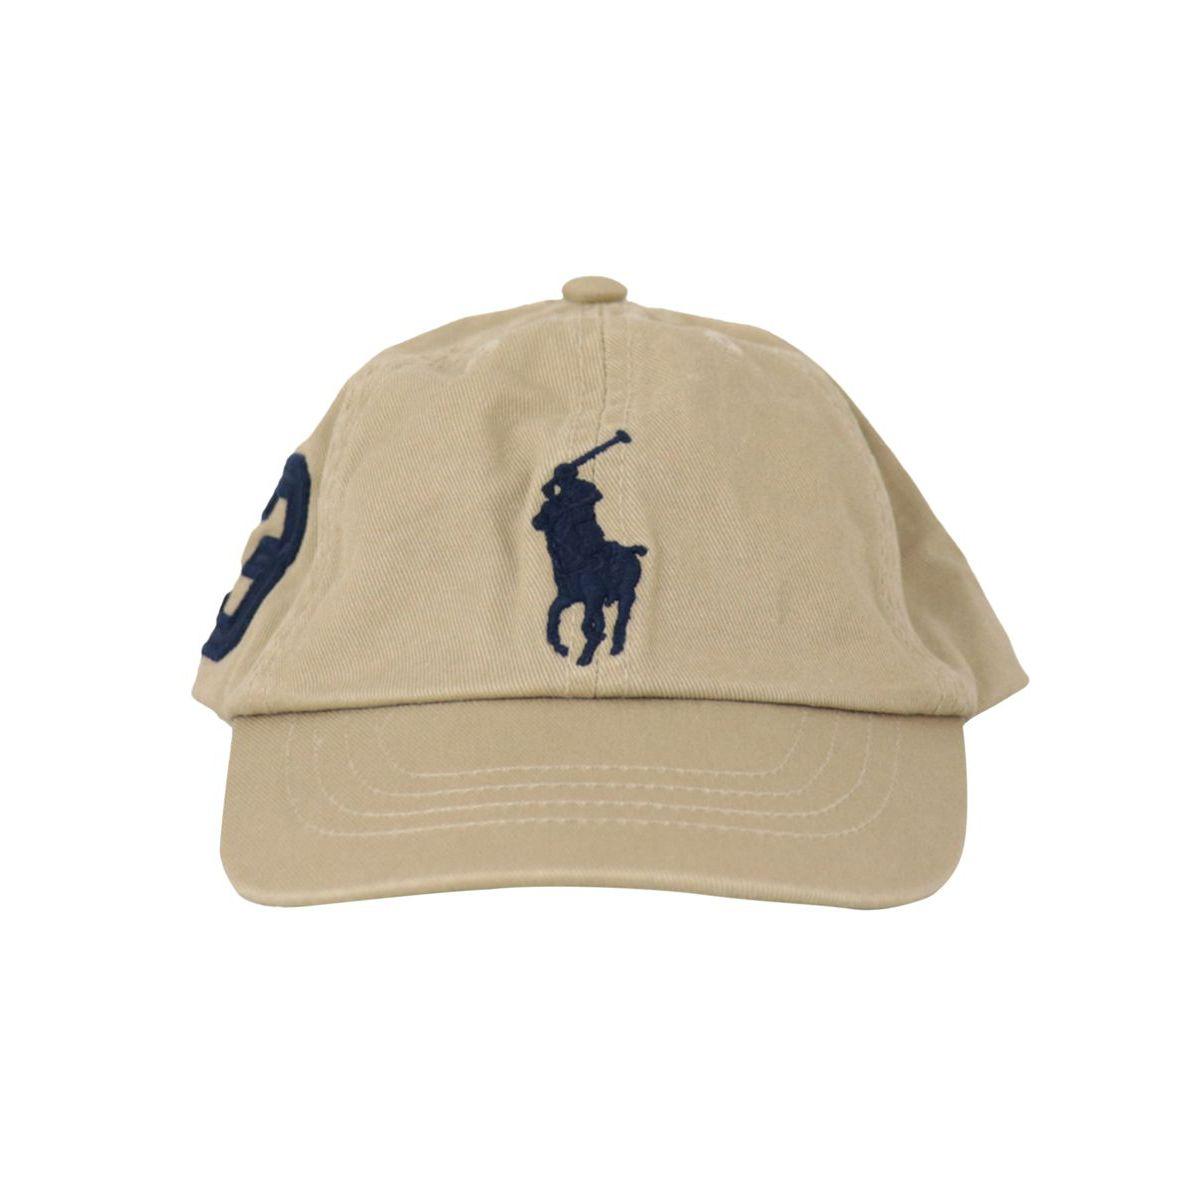 Cotton cap with visor and maxi logo Kaki Polo Ralph Lauren